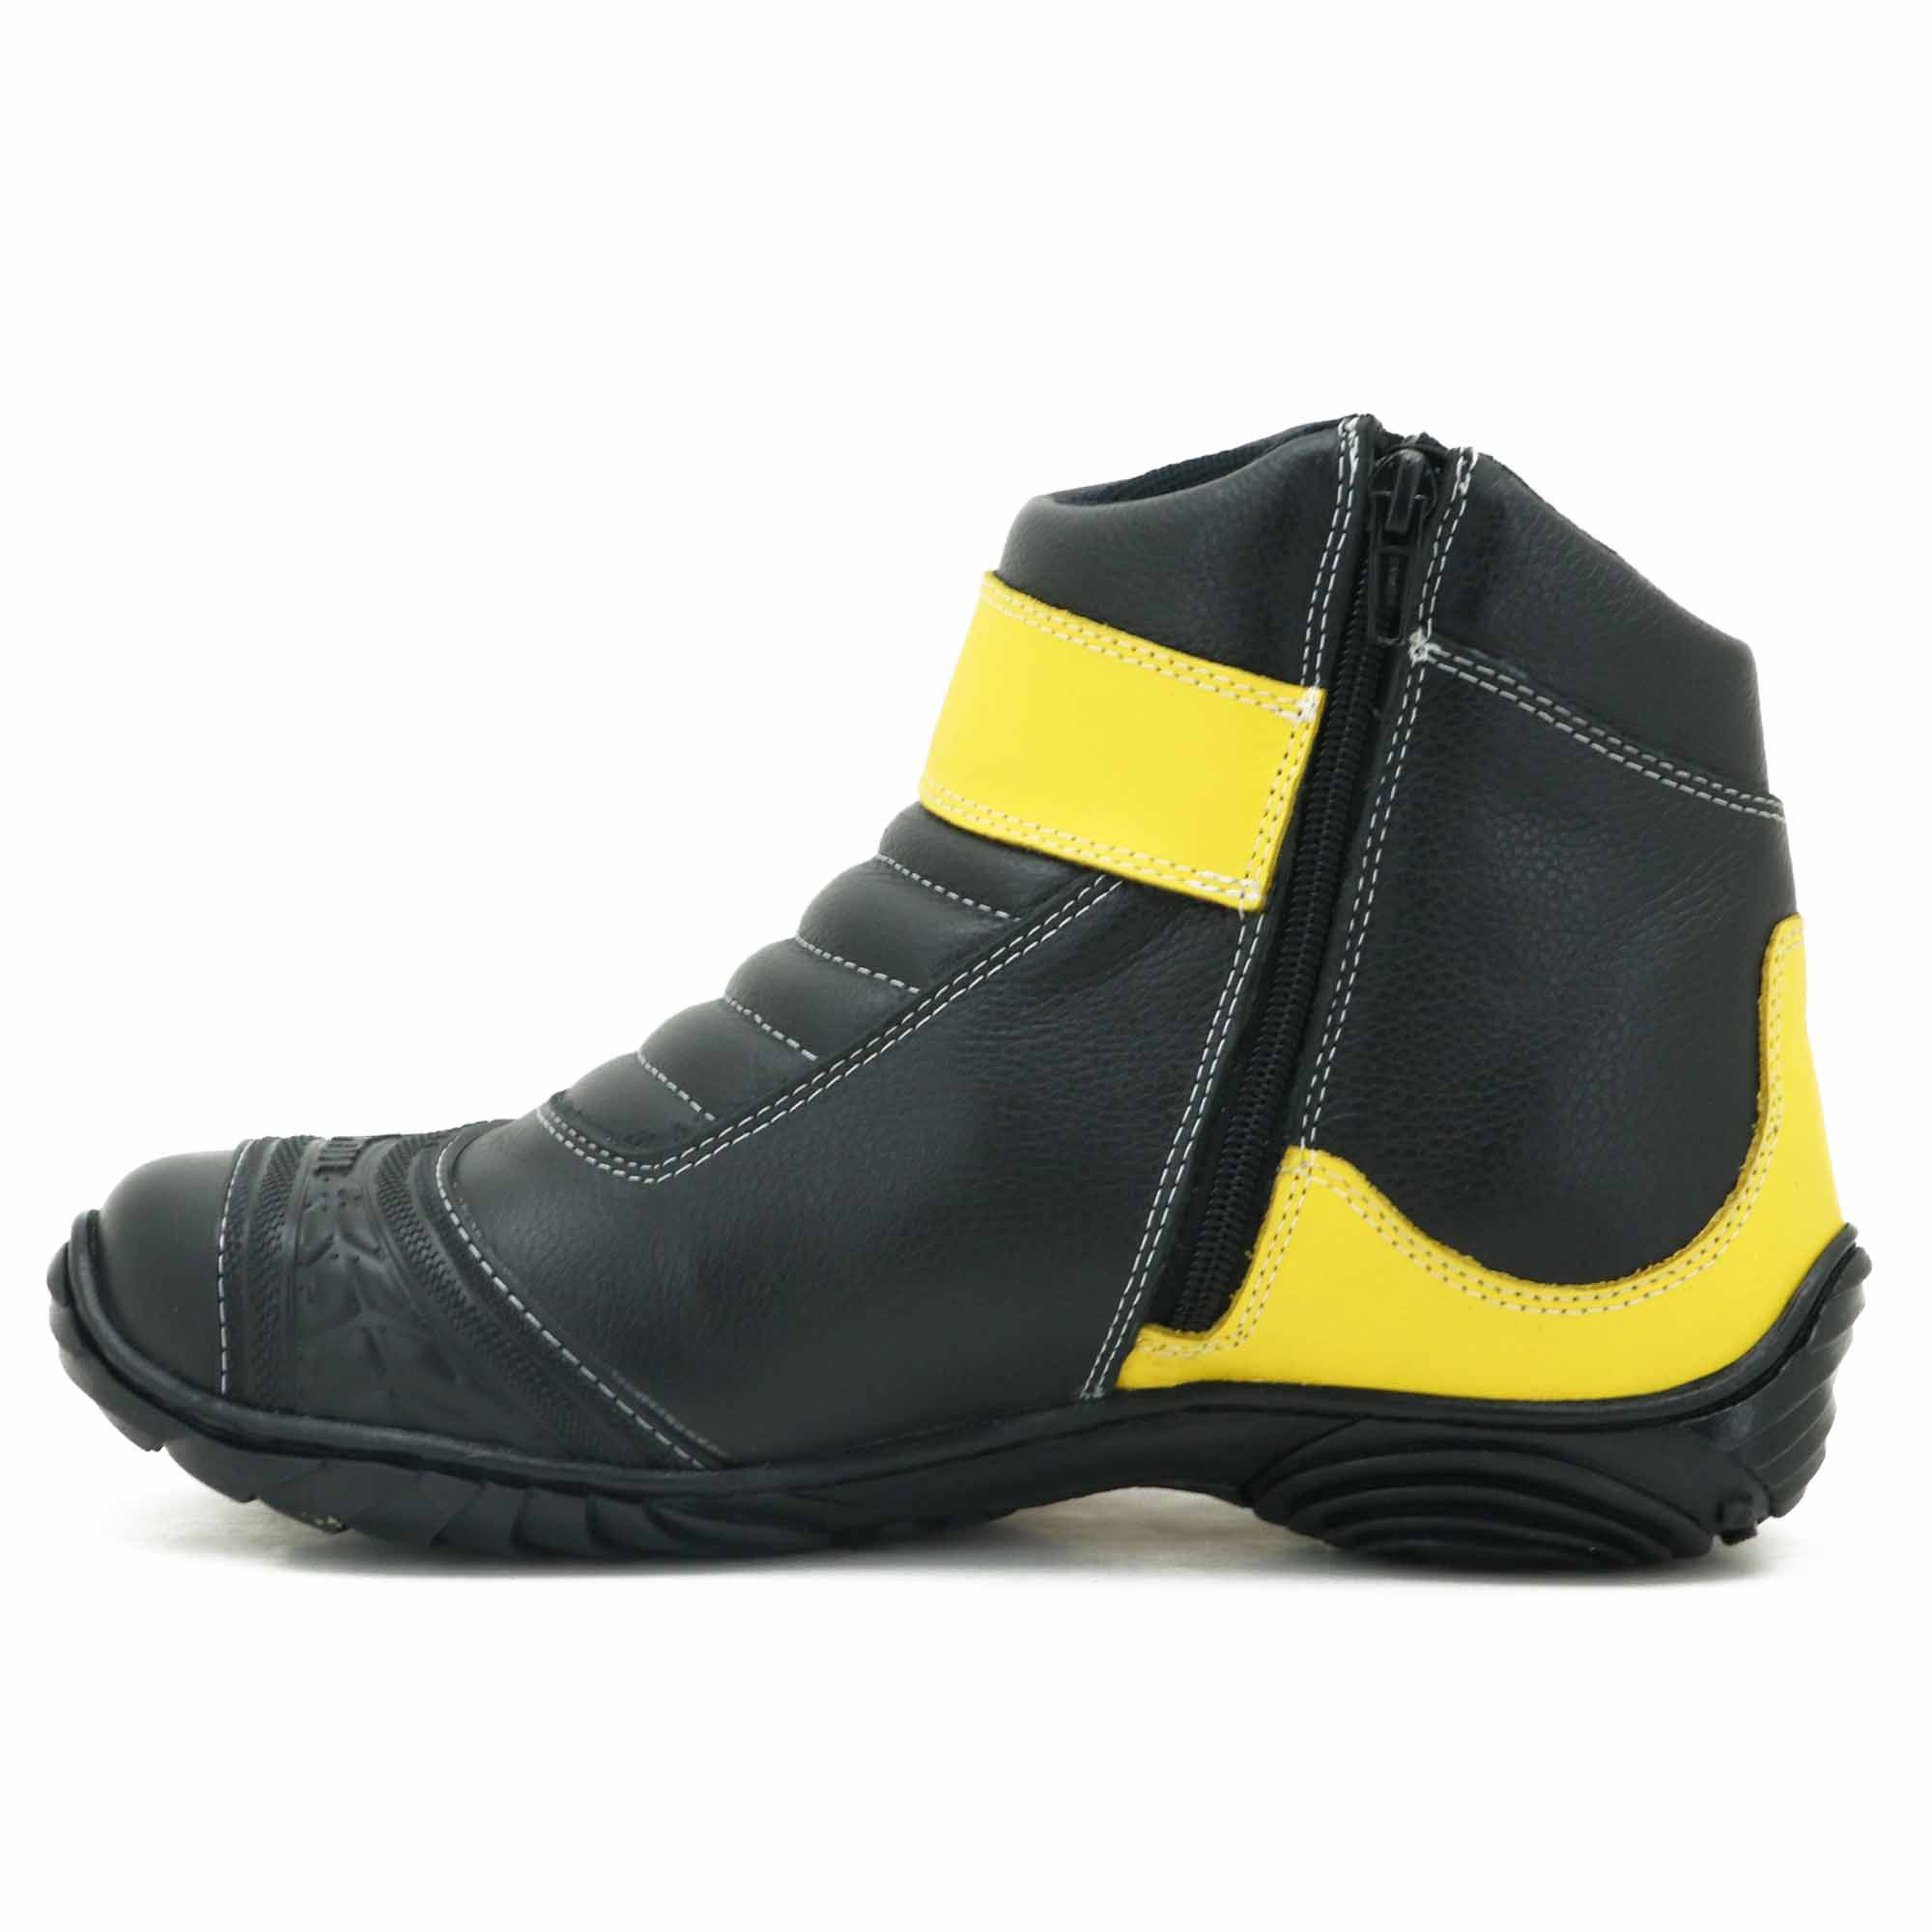 Bota motociclista preto e amarelo em couro na cor da moto 271